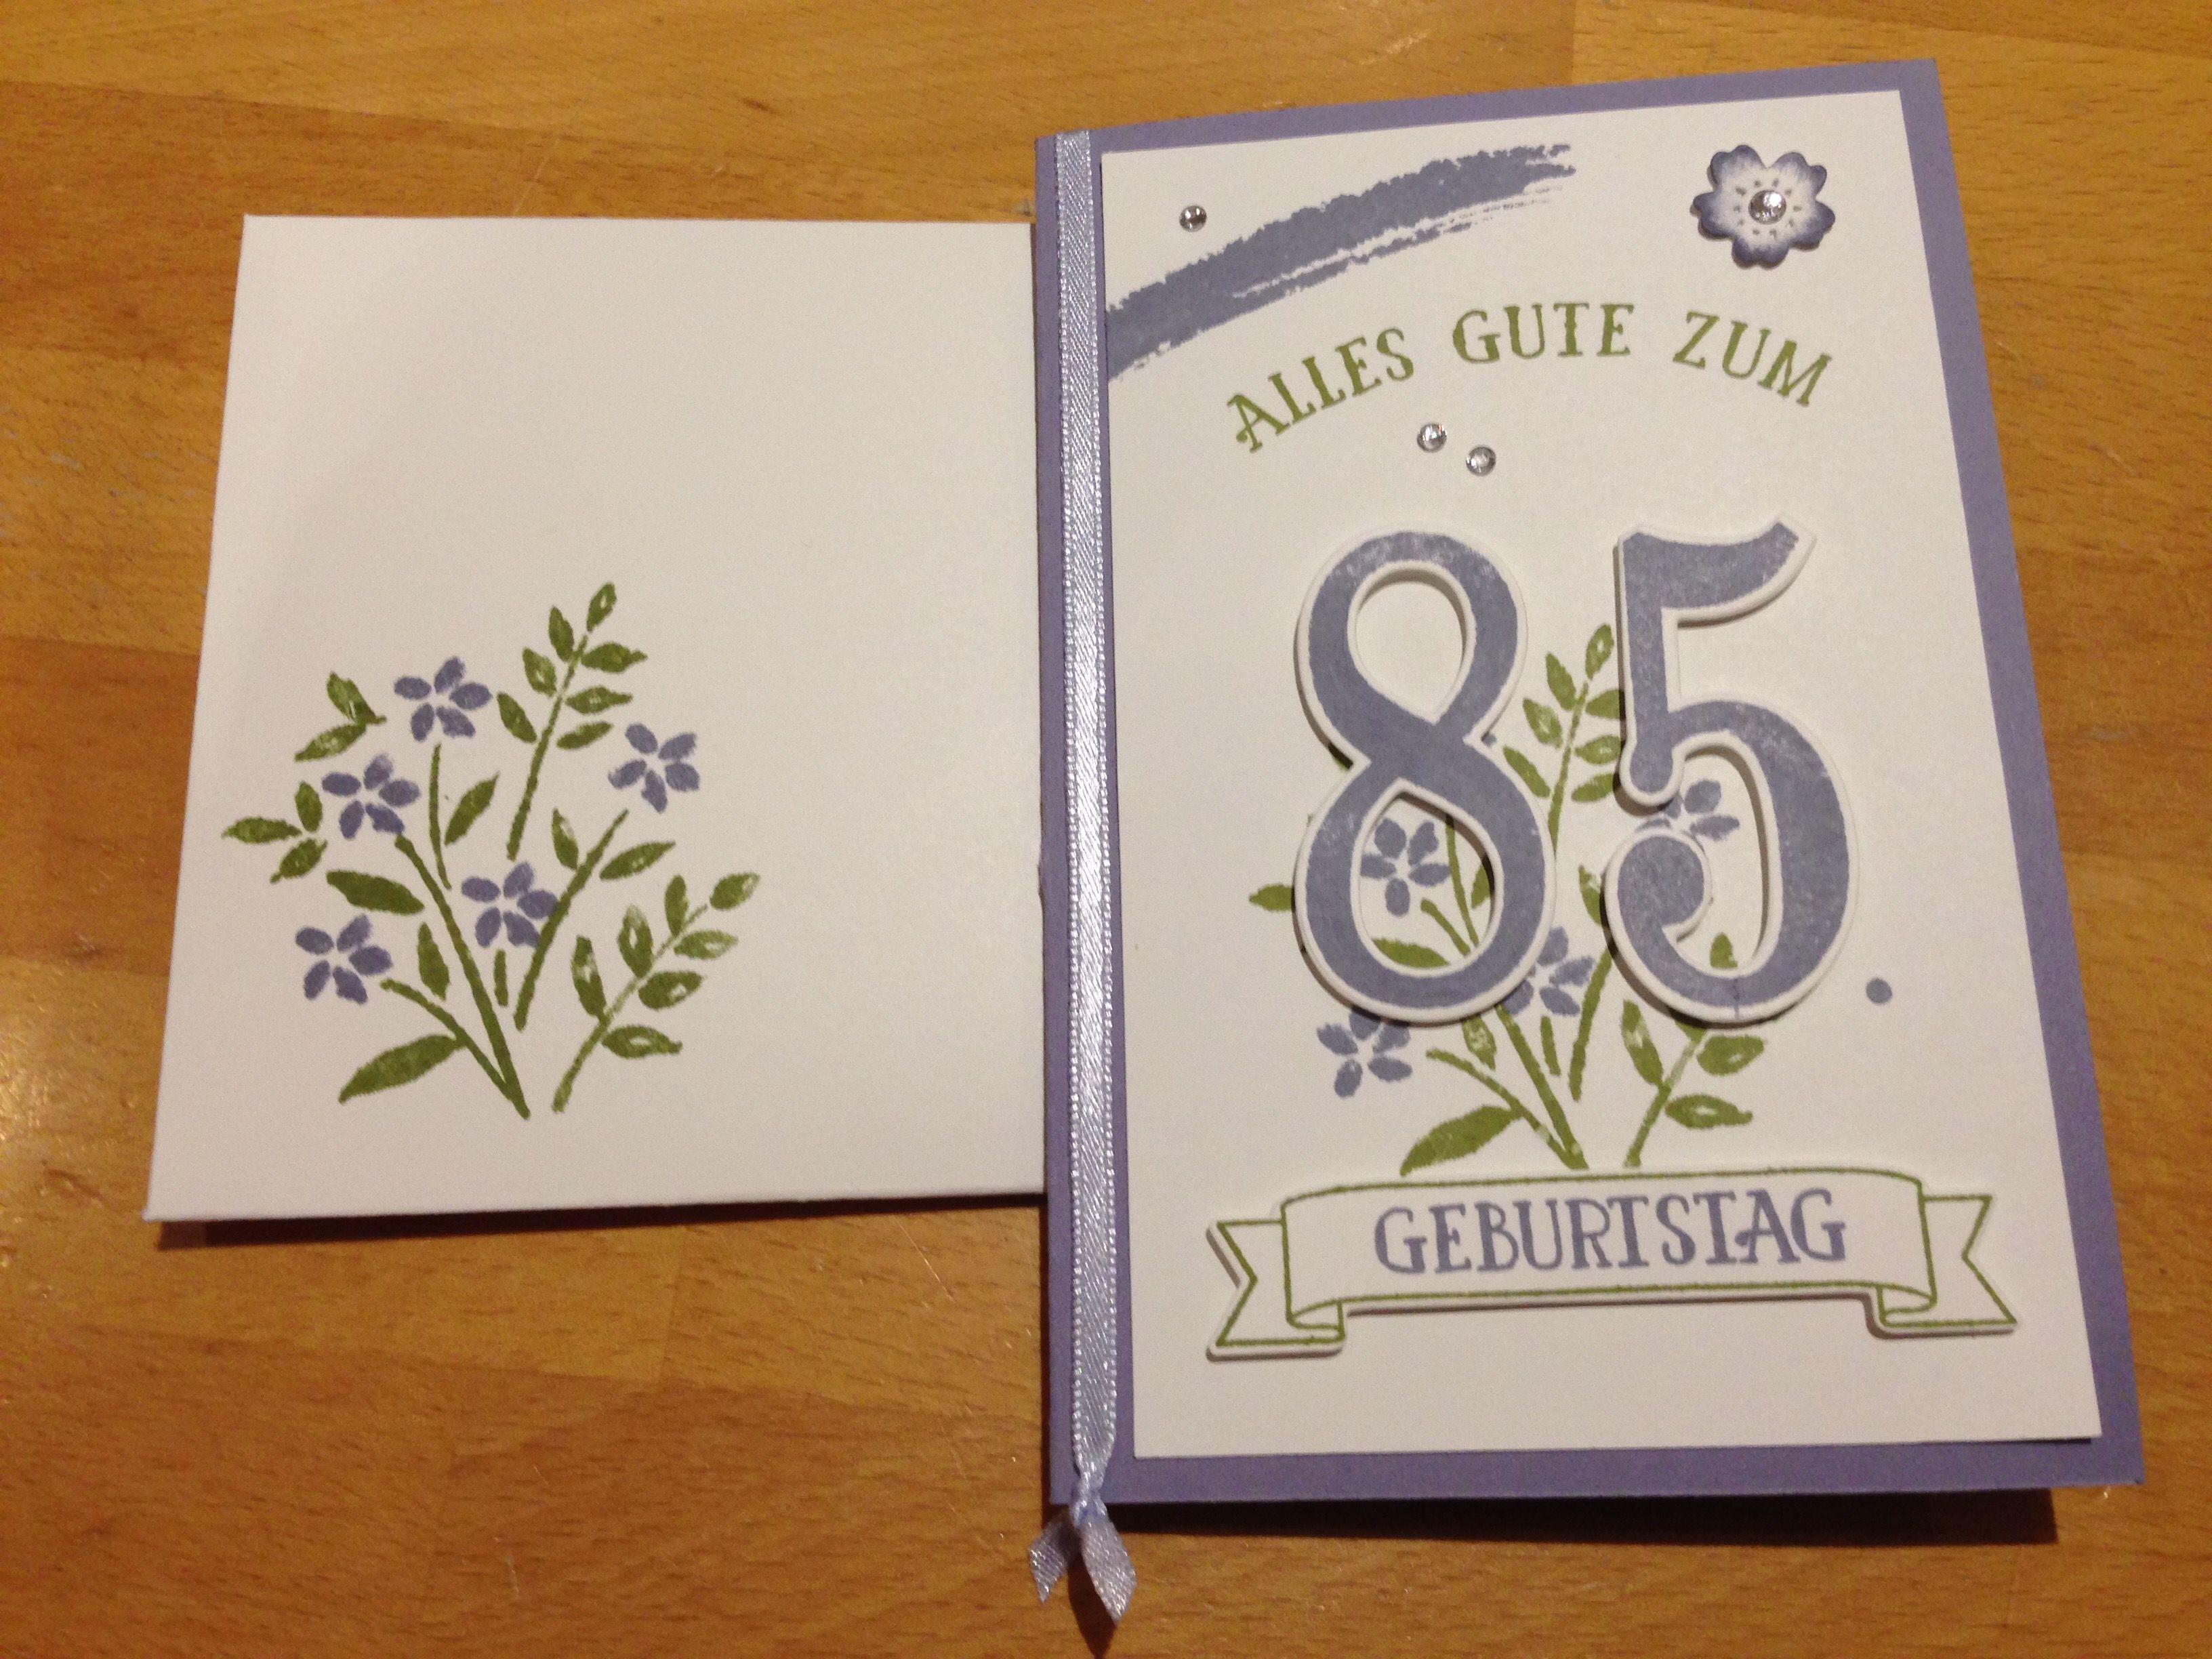 Geburtstagskarte Zum 85 Geburtstag Stampinup Stempelset So Viele